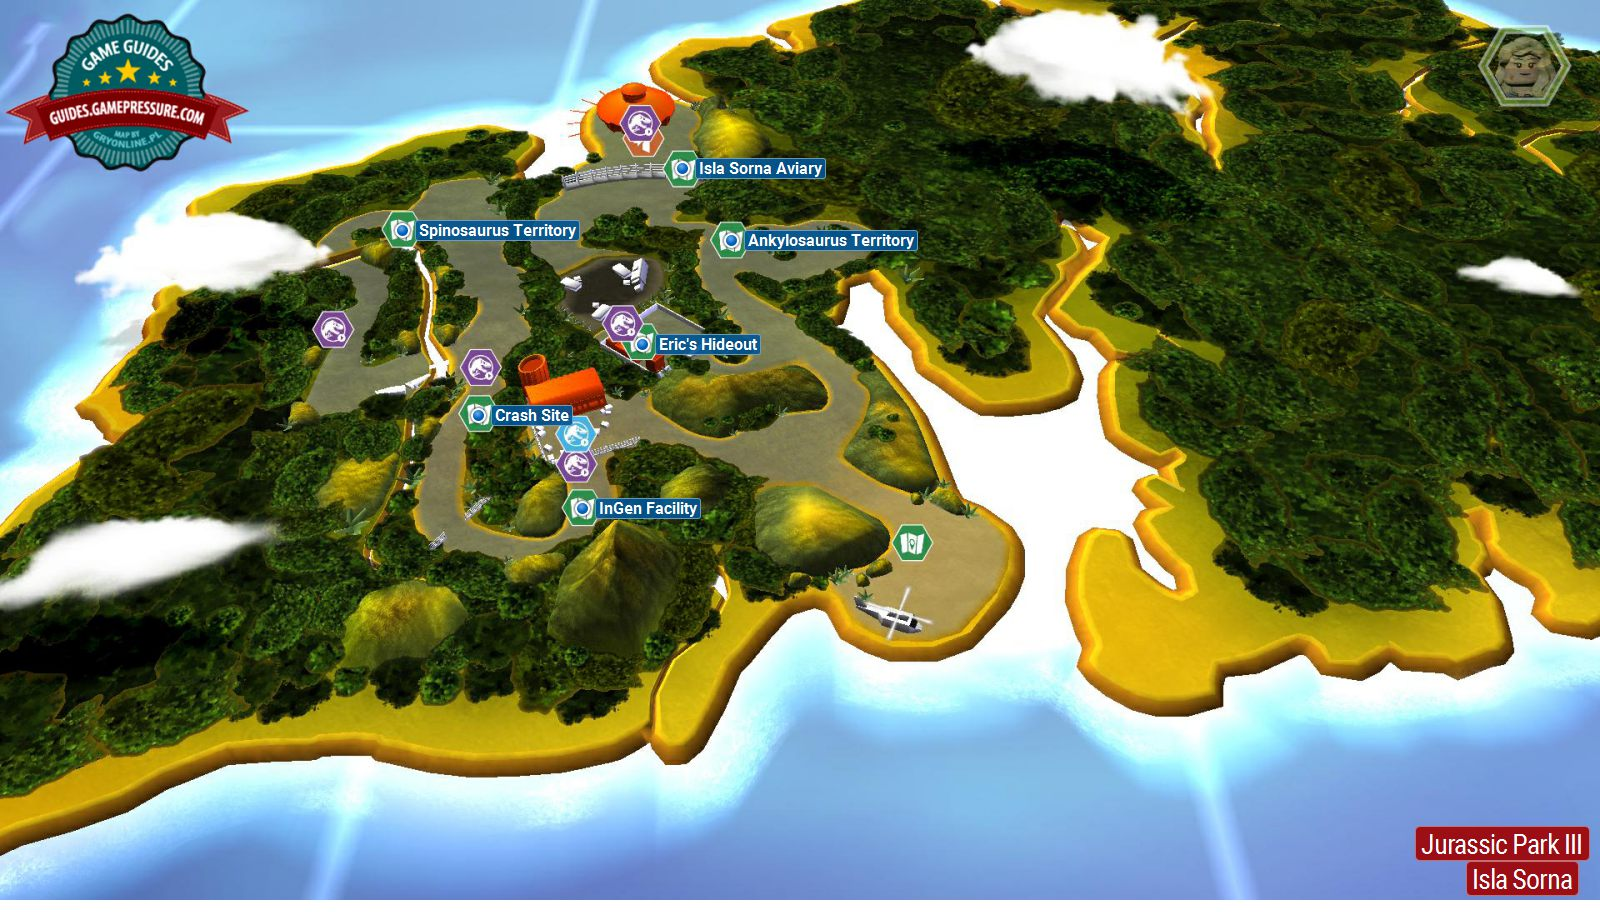 Lego Island 2 Map